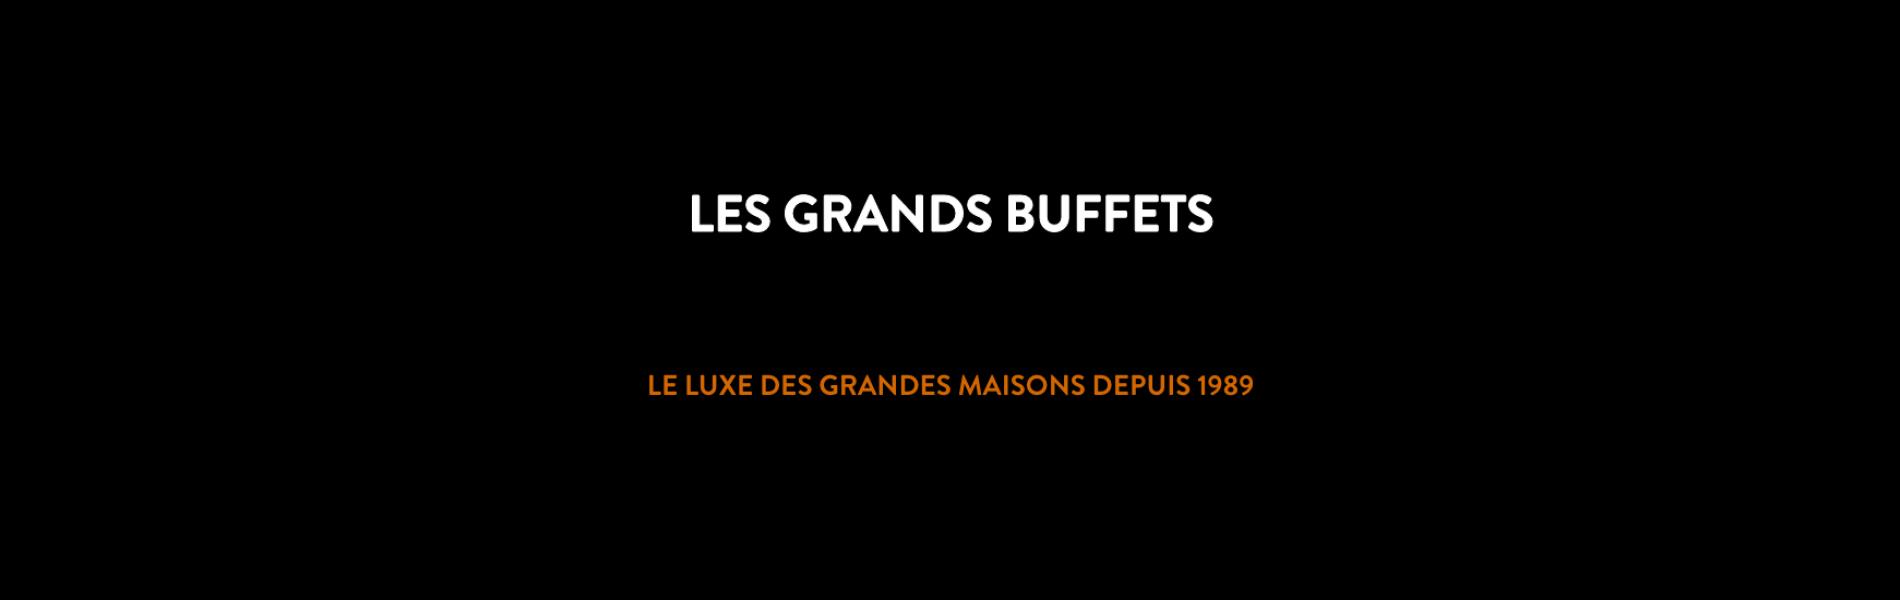 LES GRANDS BUFFETS  Le luxe des grandes maisons depuis 1989